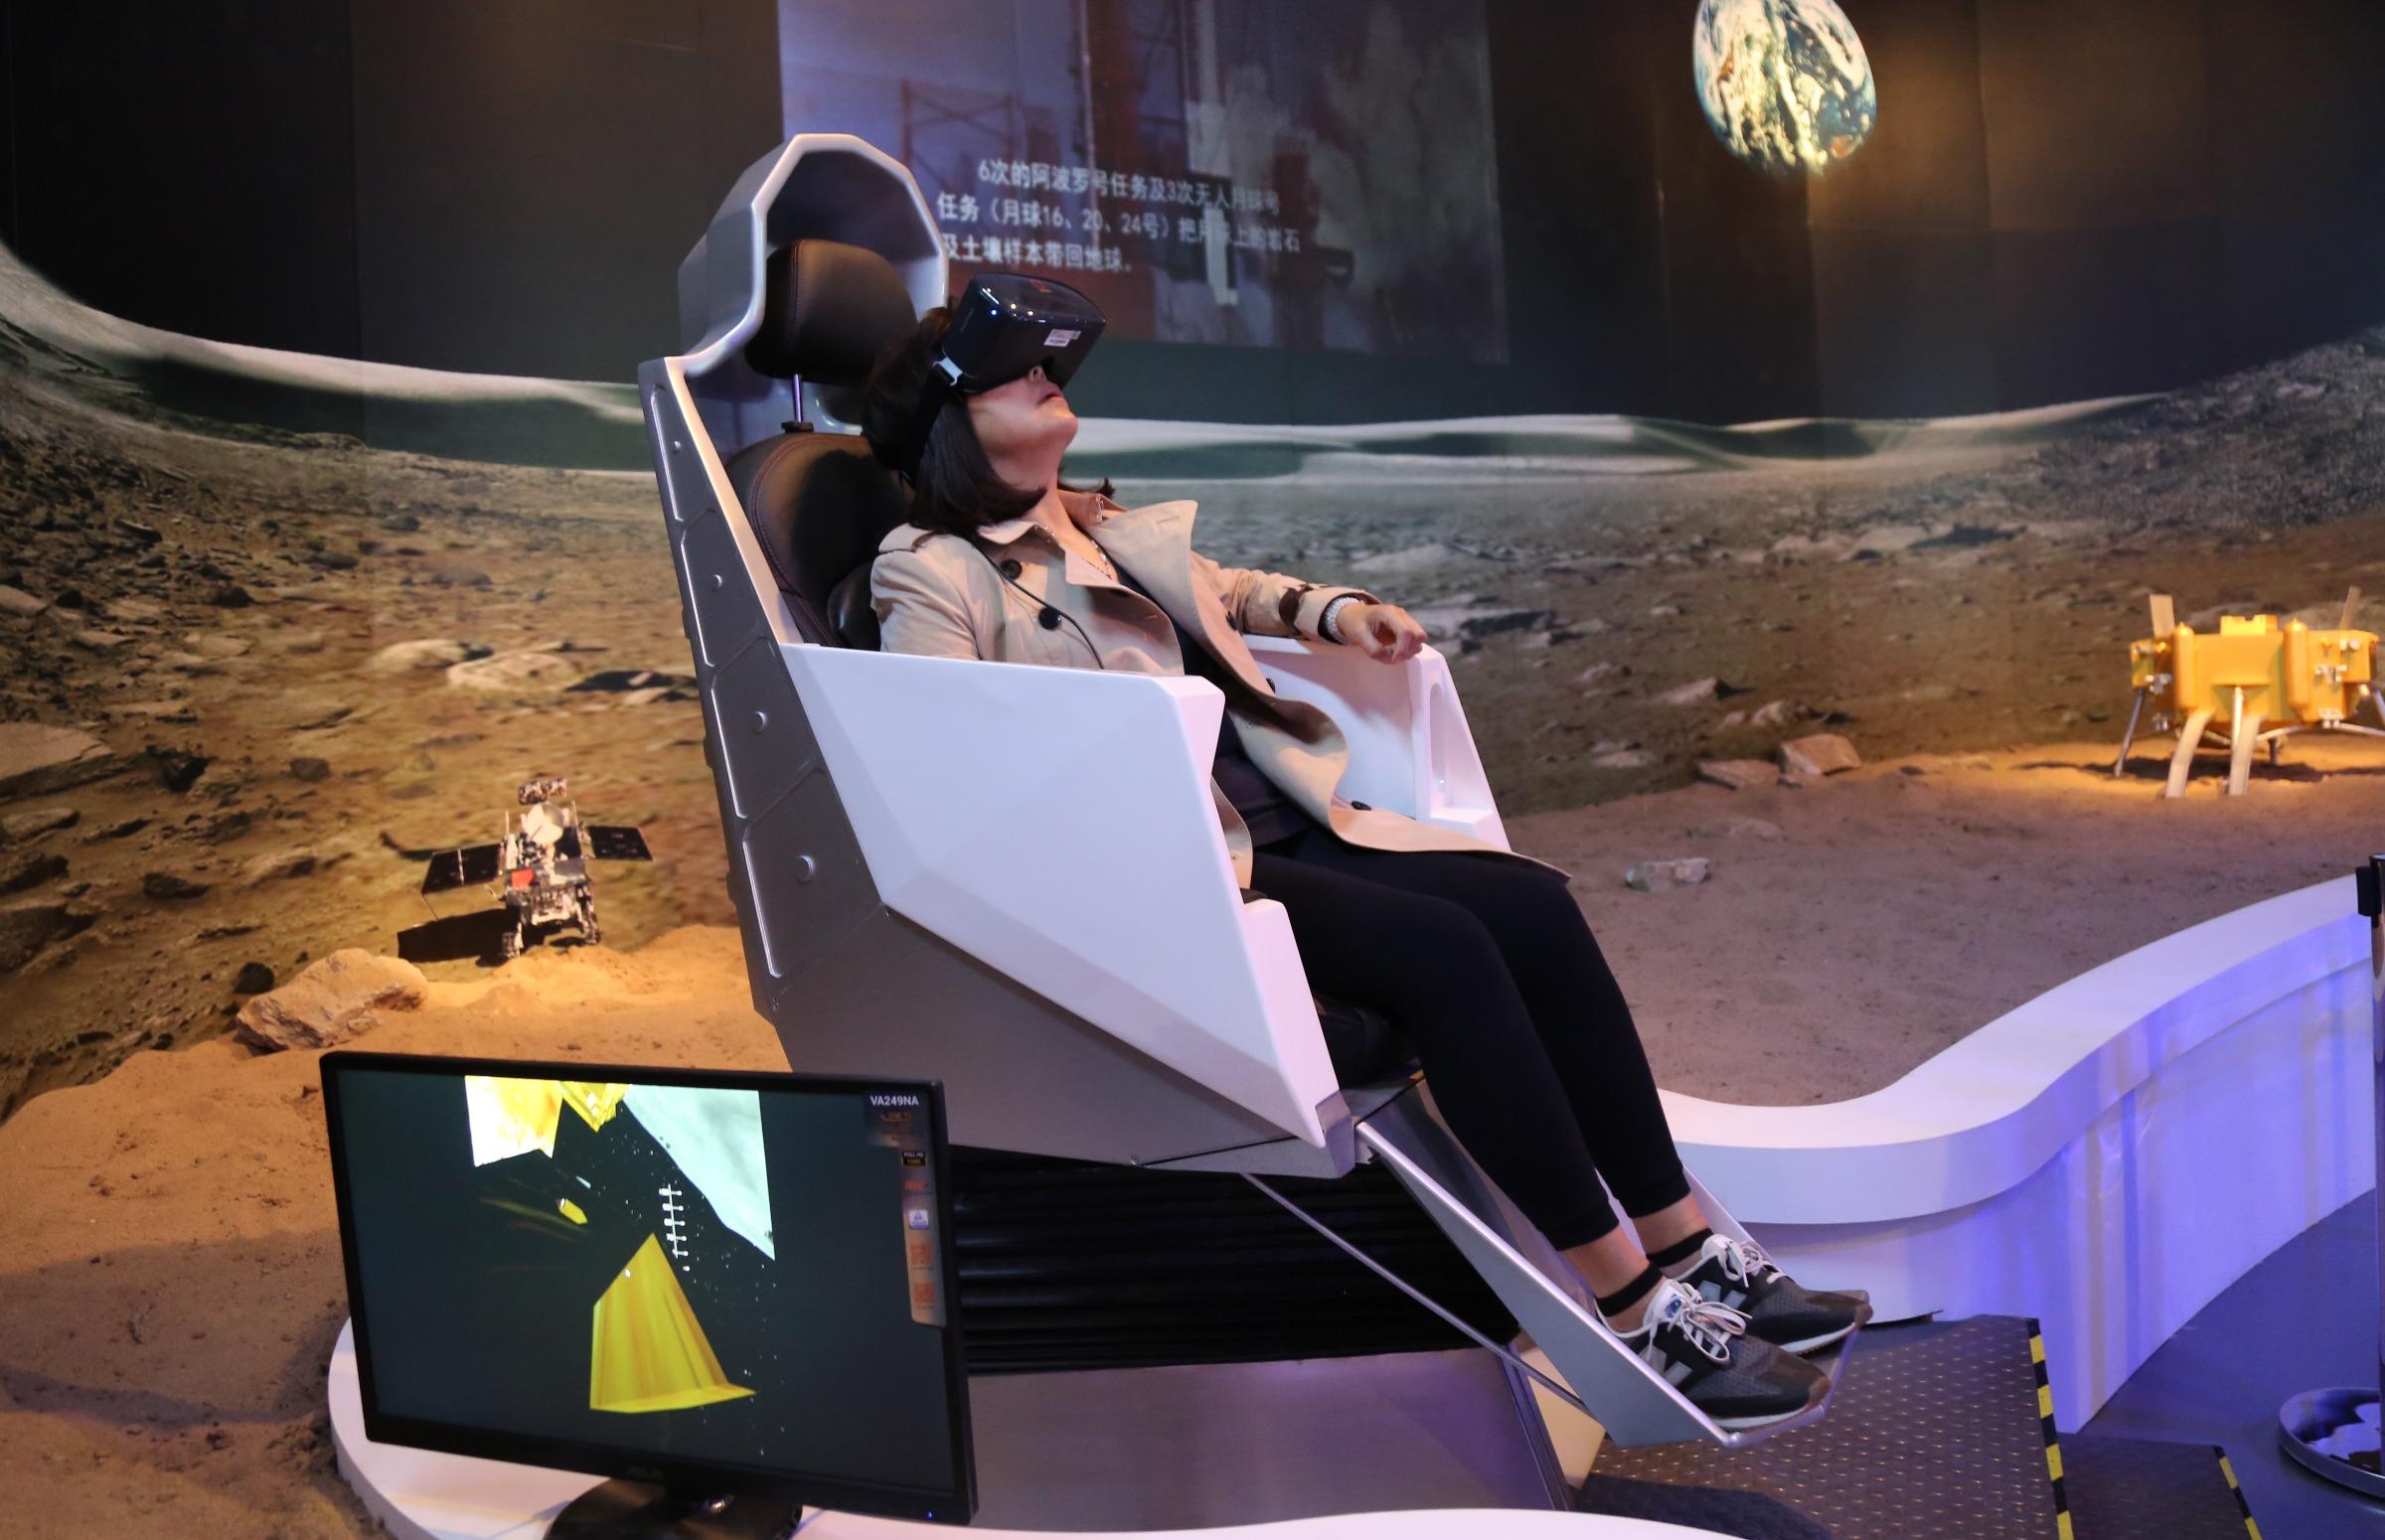 神舟五号-京市民VR体验模拟登月